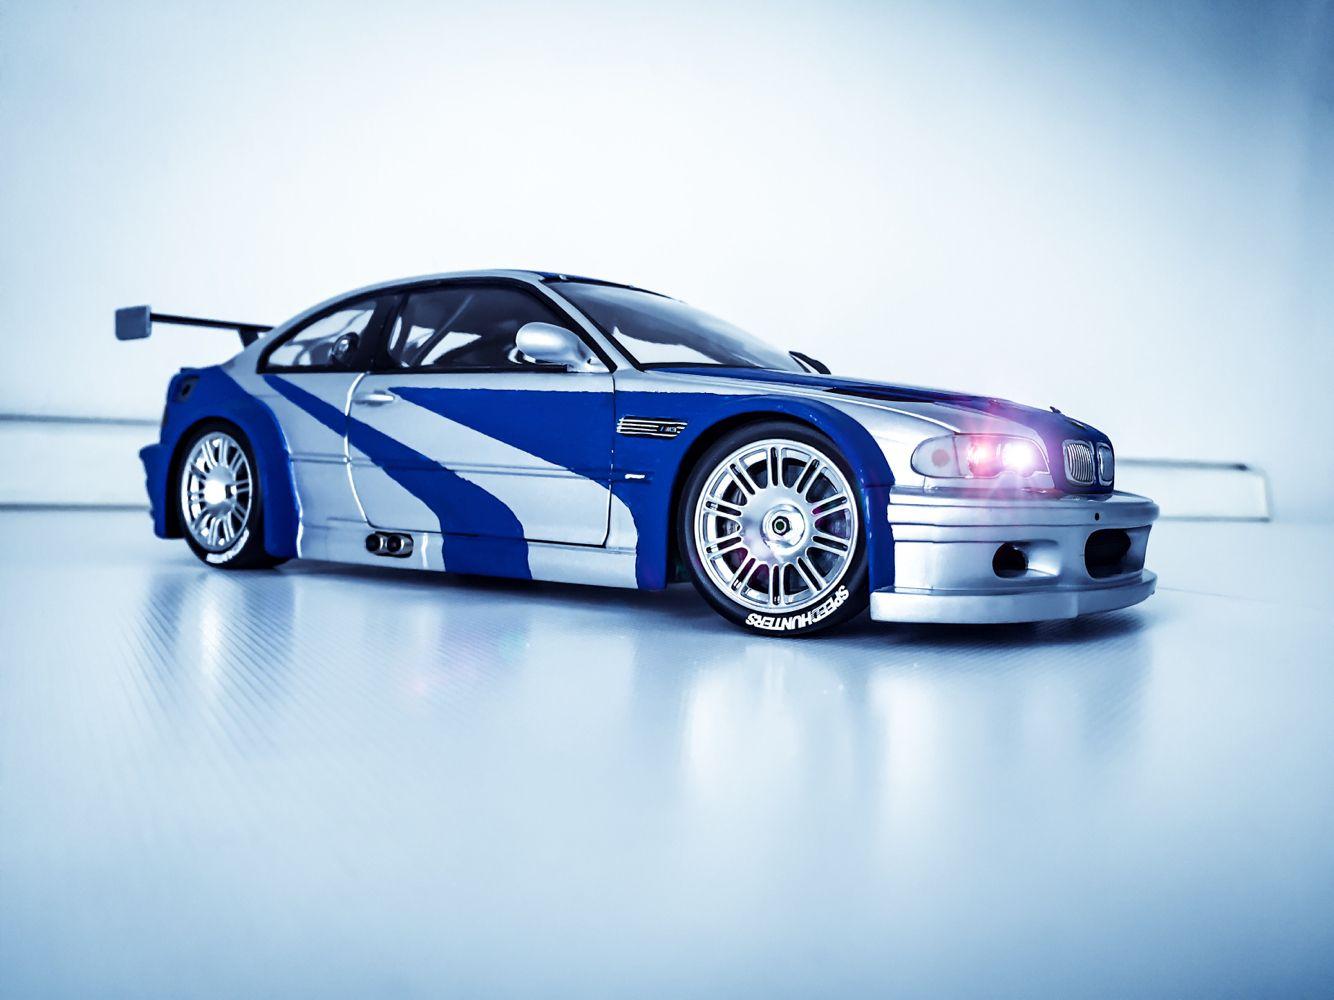 Bmw M3 Gtr Nfs Bmw M3 Bmw Sport Cars